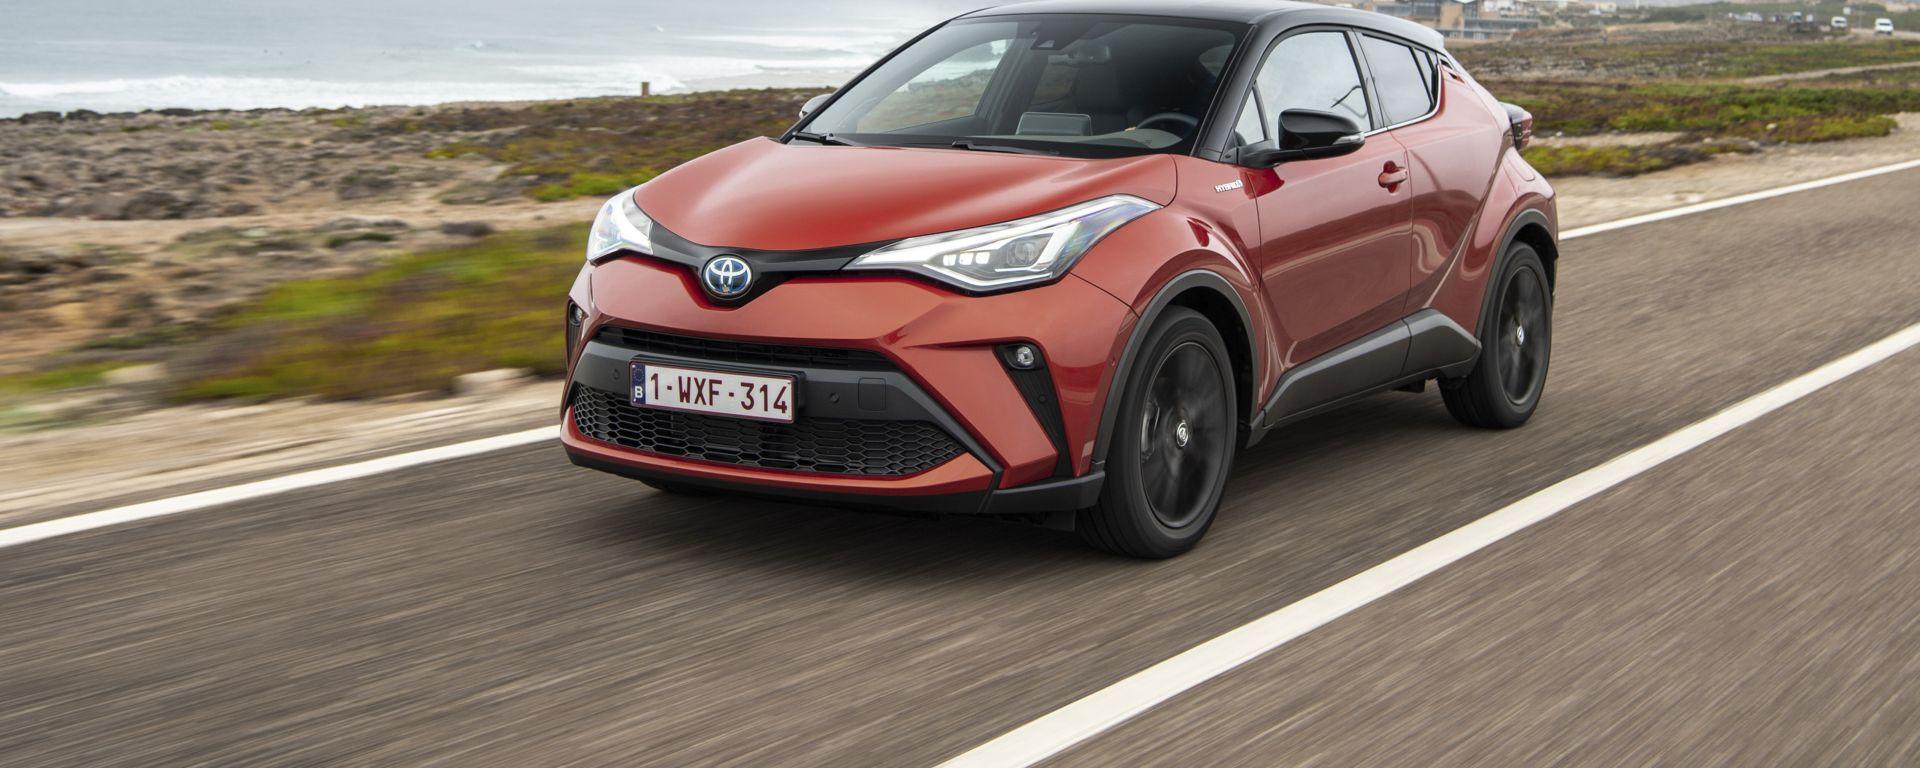 Toyota C-HR restyling, l'ibrido si fa in due. Il nostro test